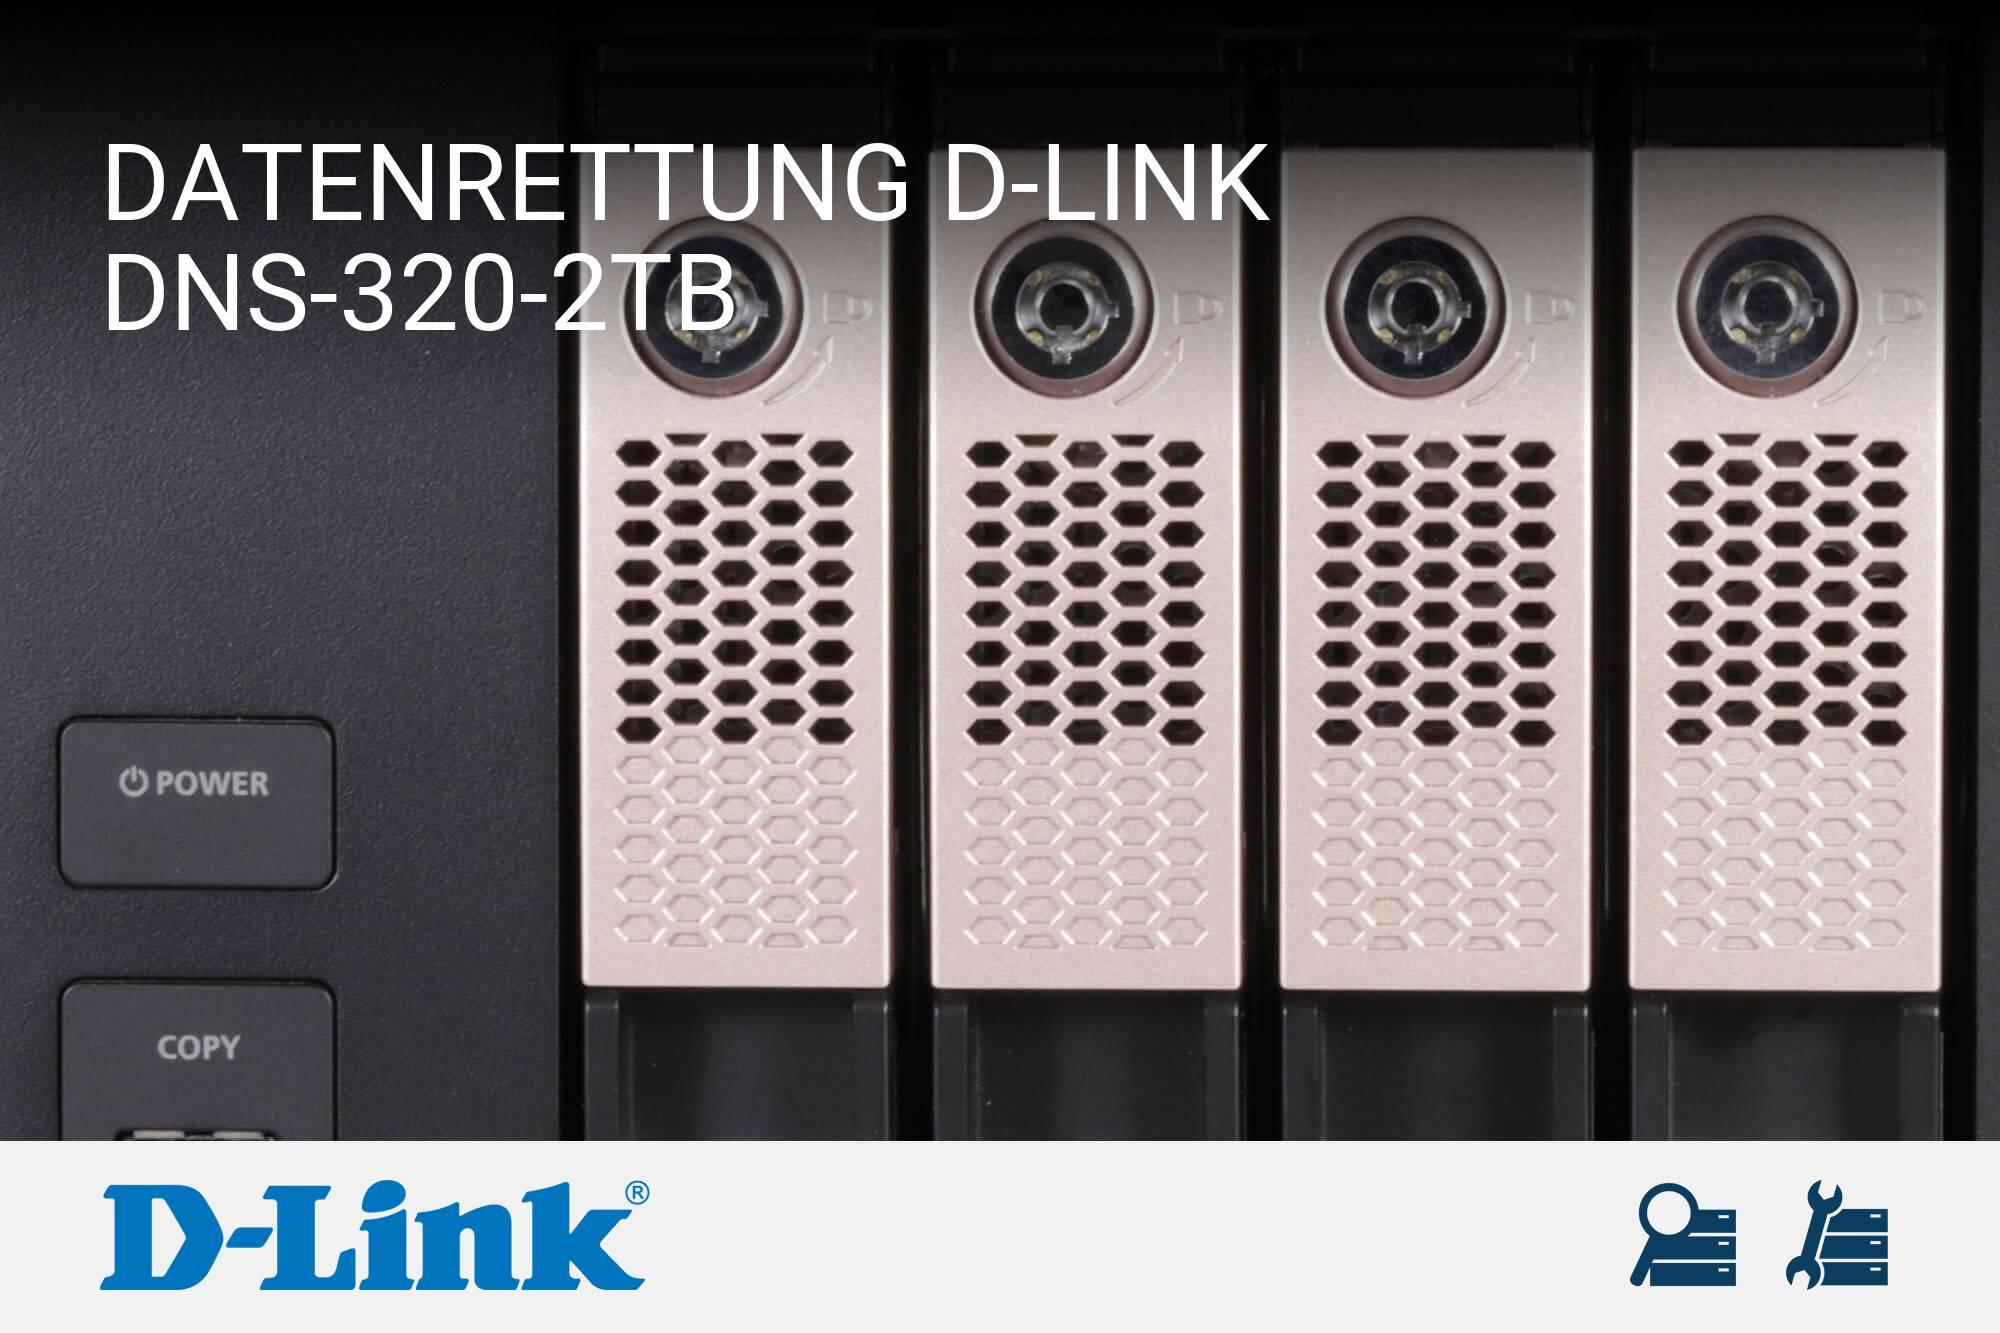 D-Link DNS-320-2TB